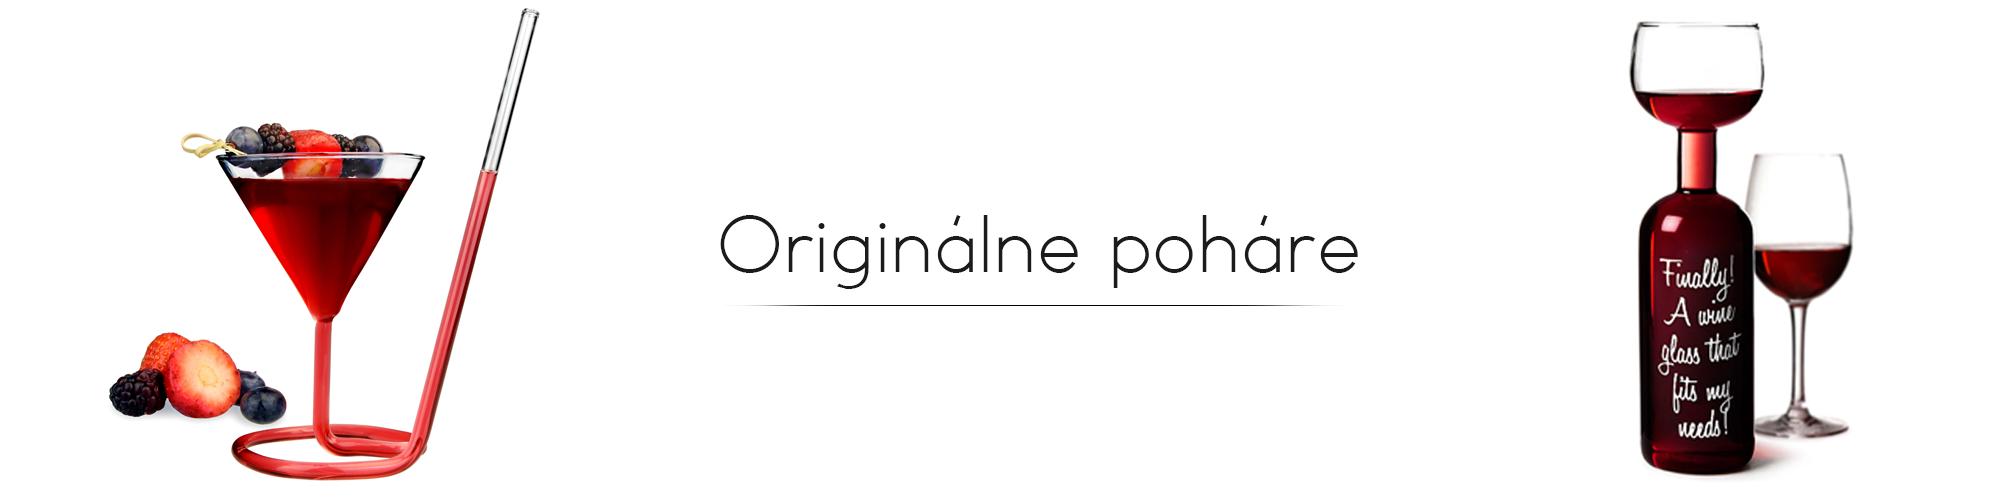 Originalne pohare